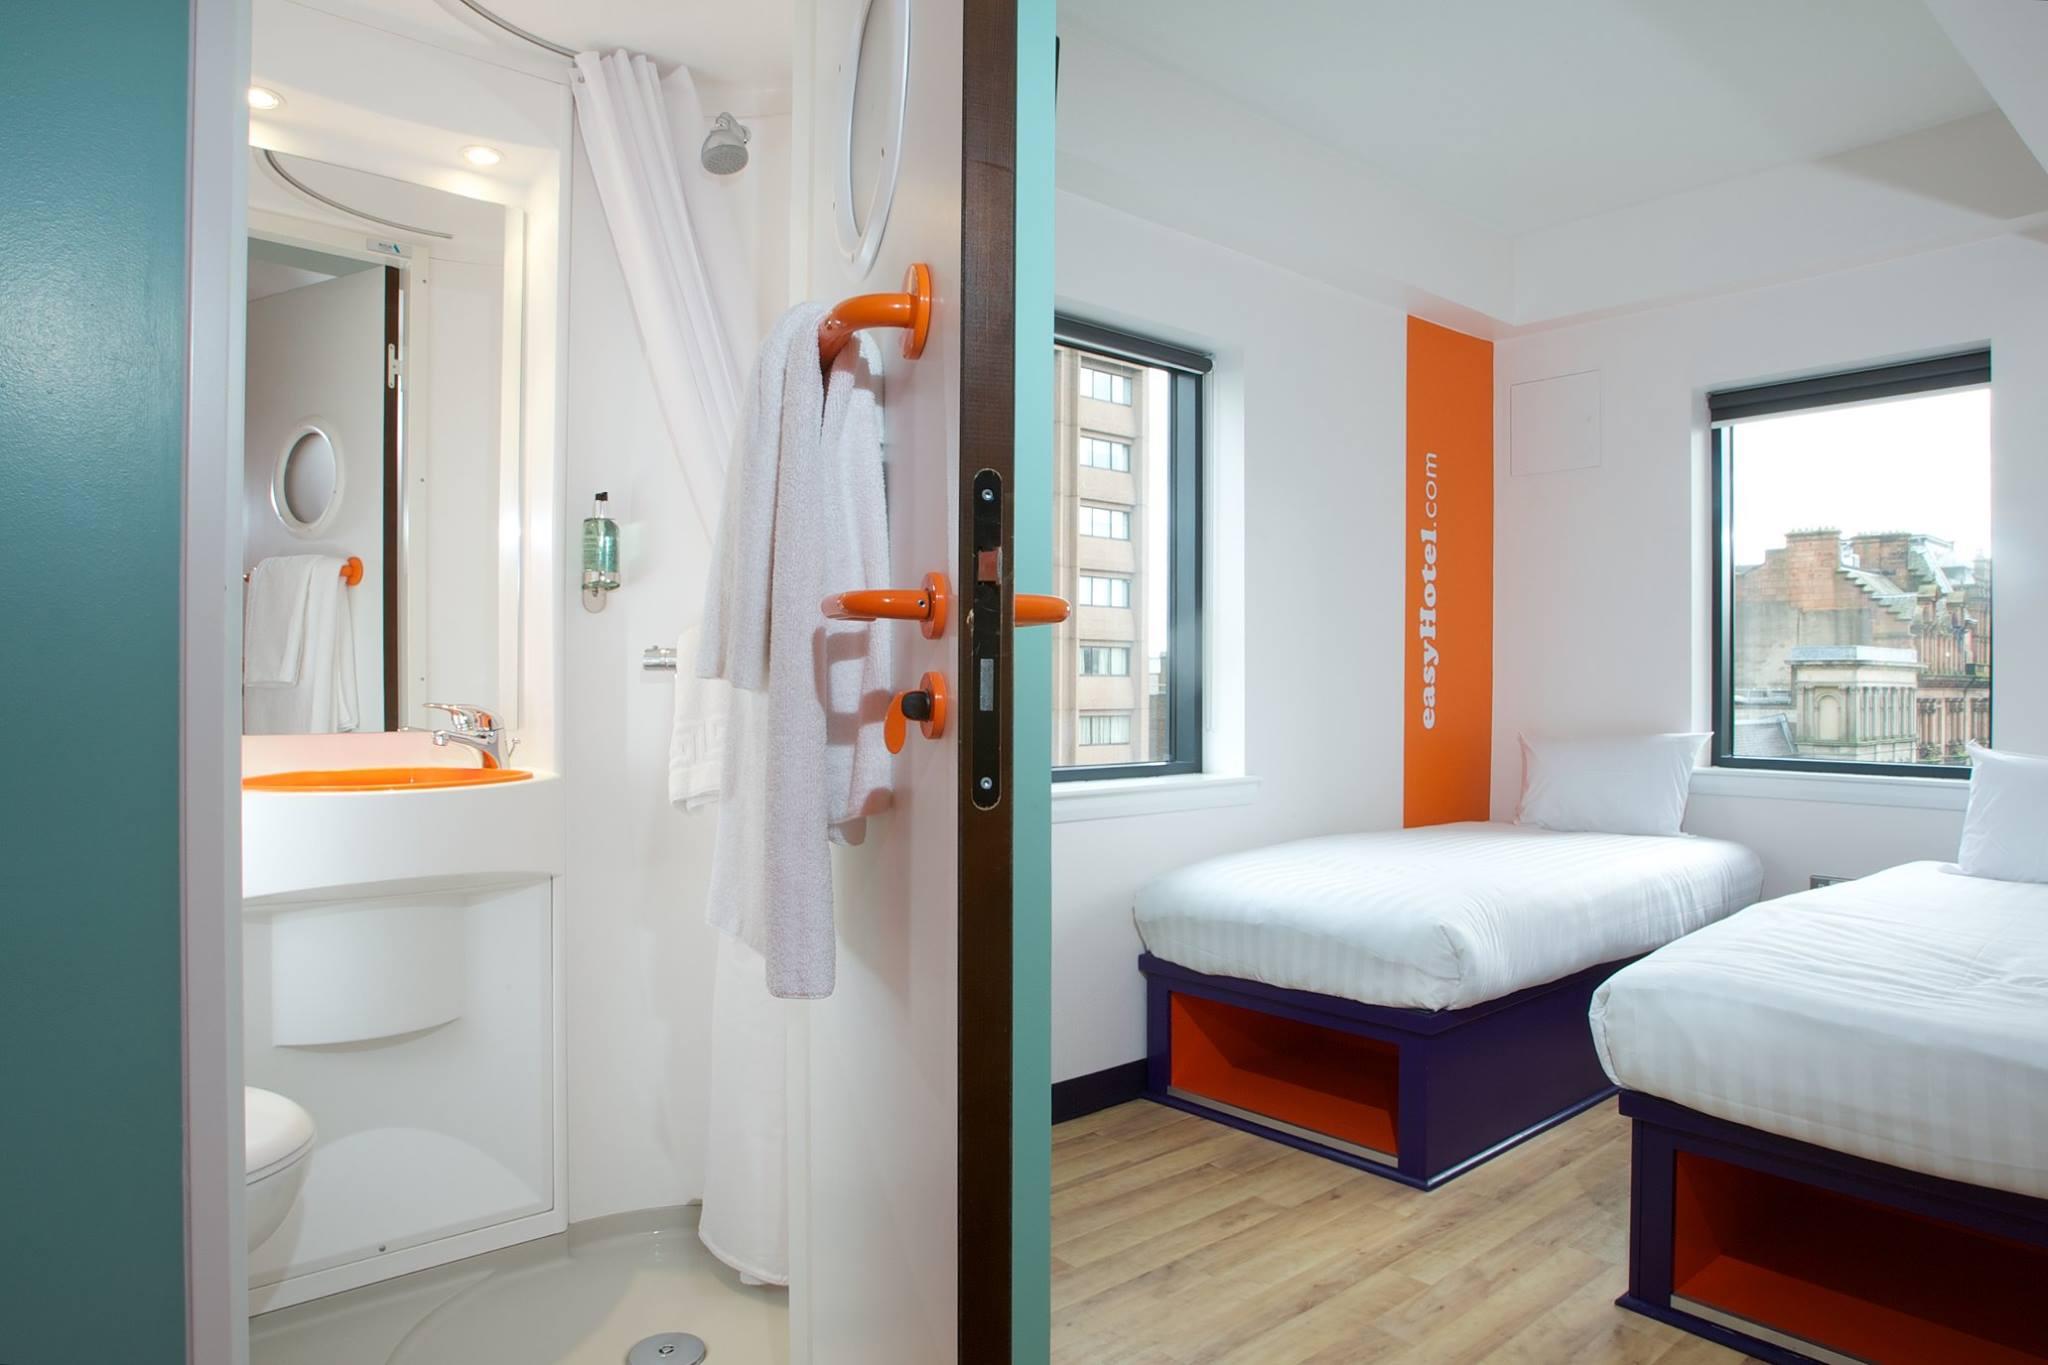 Chambre d'un hôtel easyHotel - DR